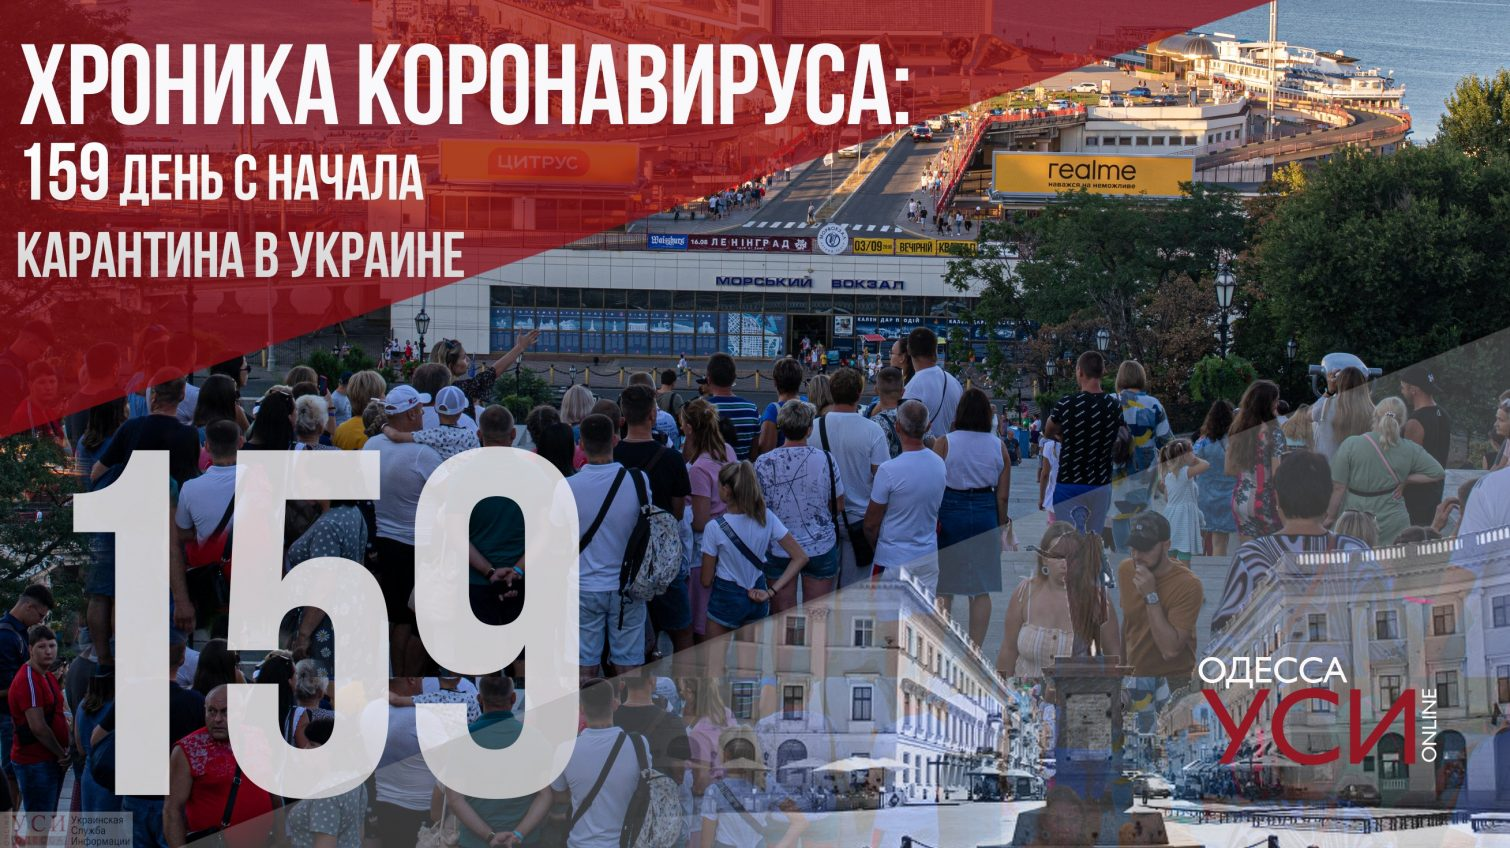 Хроника коронавируса: 159 дней с начала карантина «фото»